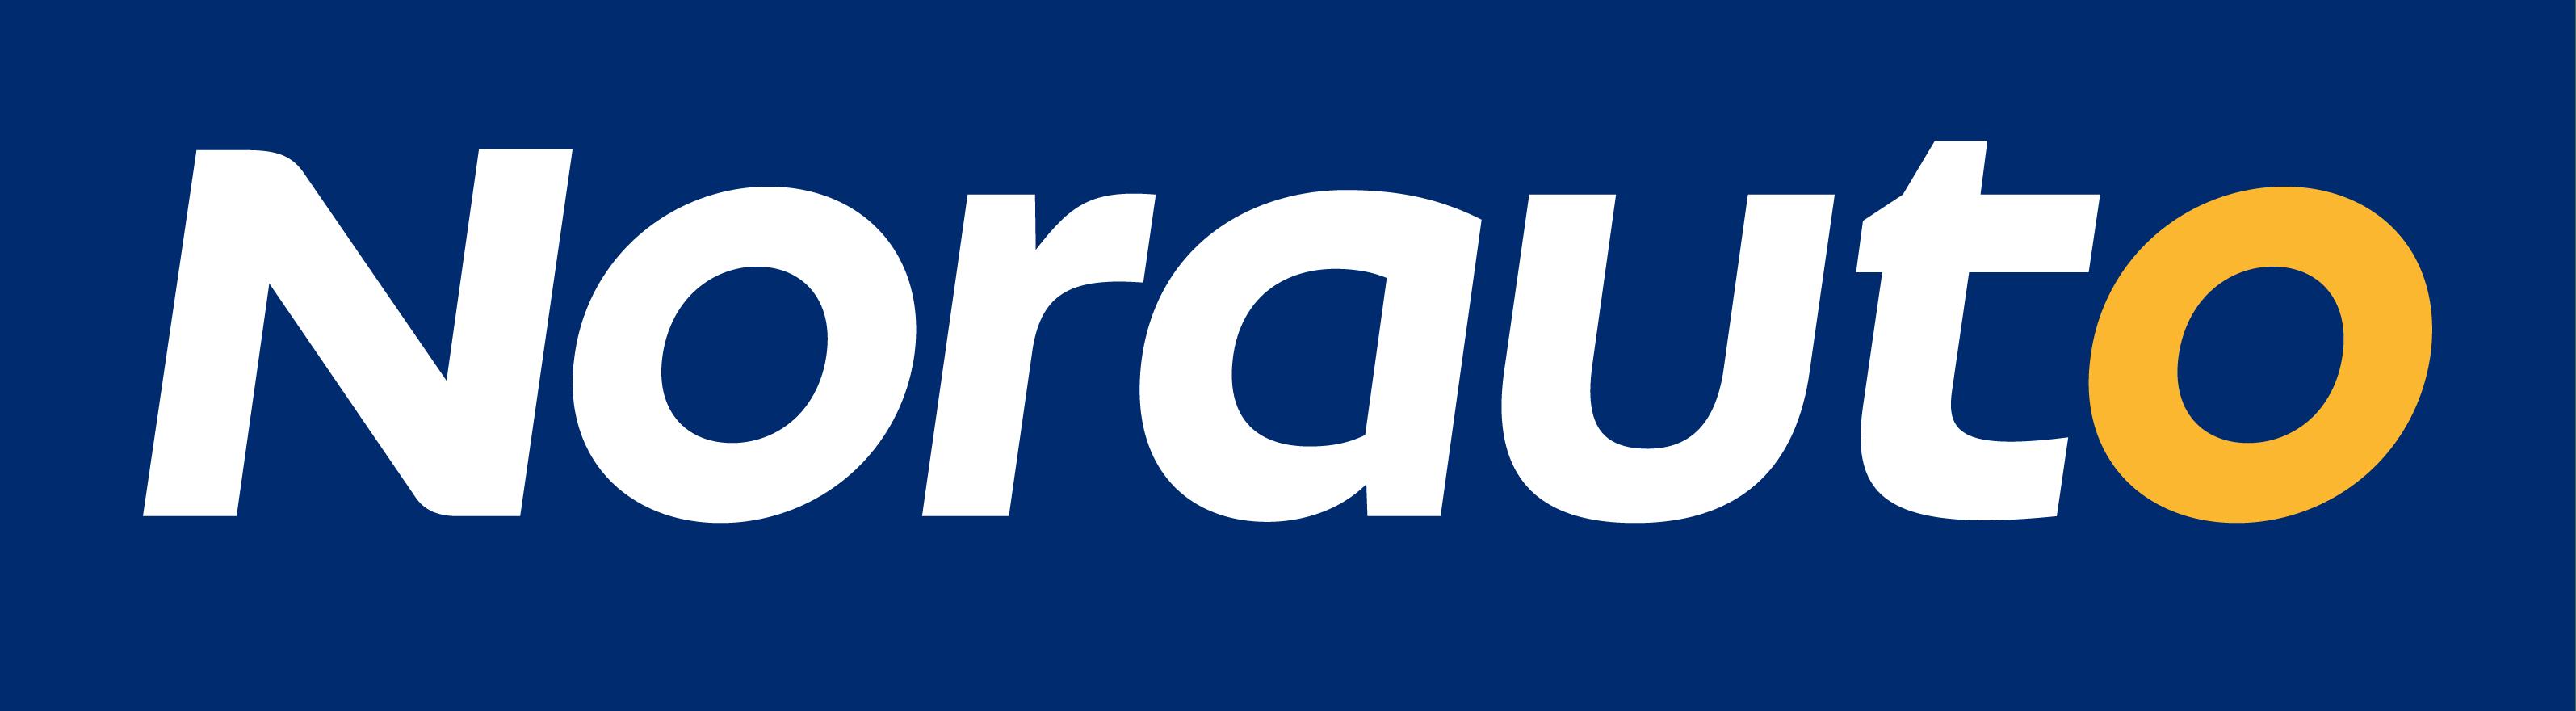 Norauto logo